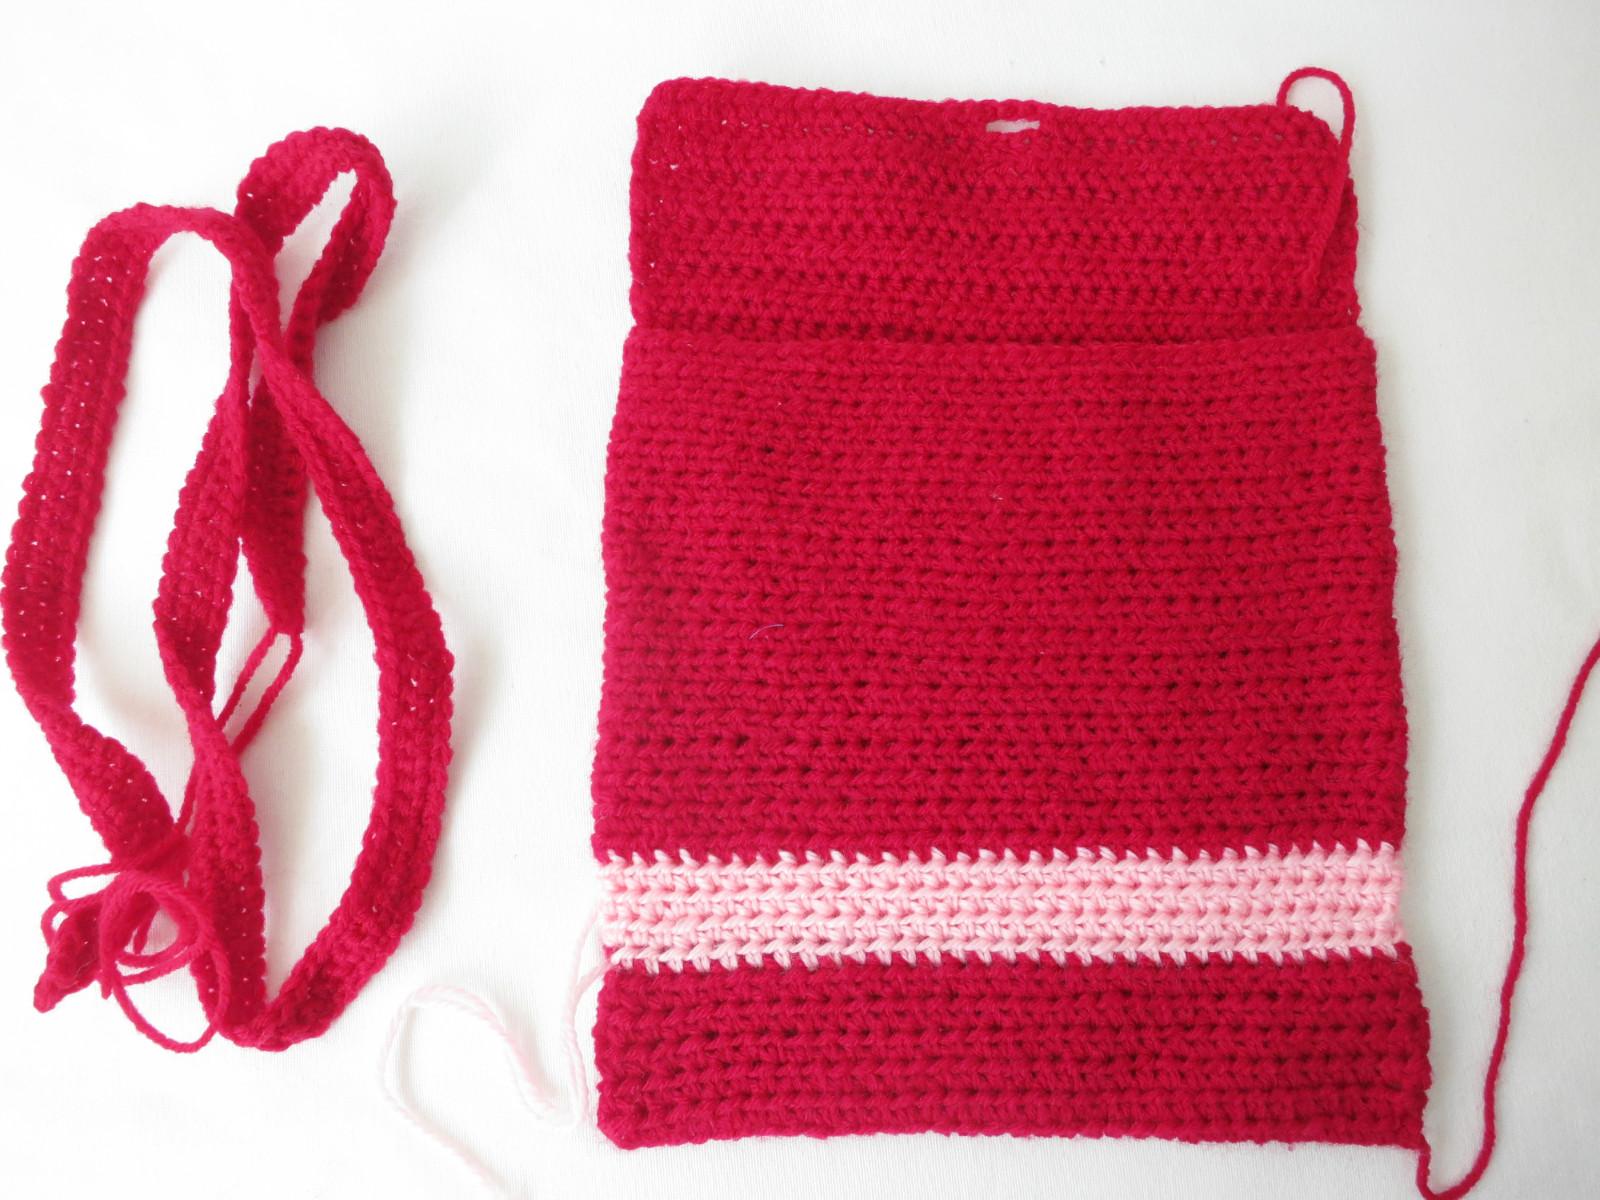 Sling bag crochet - Crochet Sling Bag